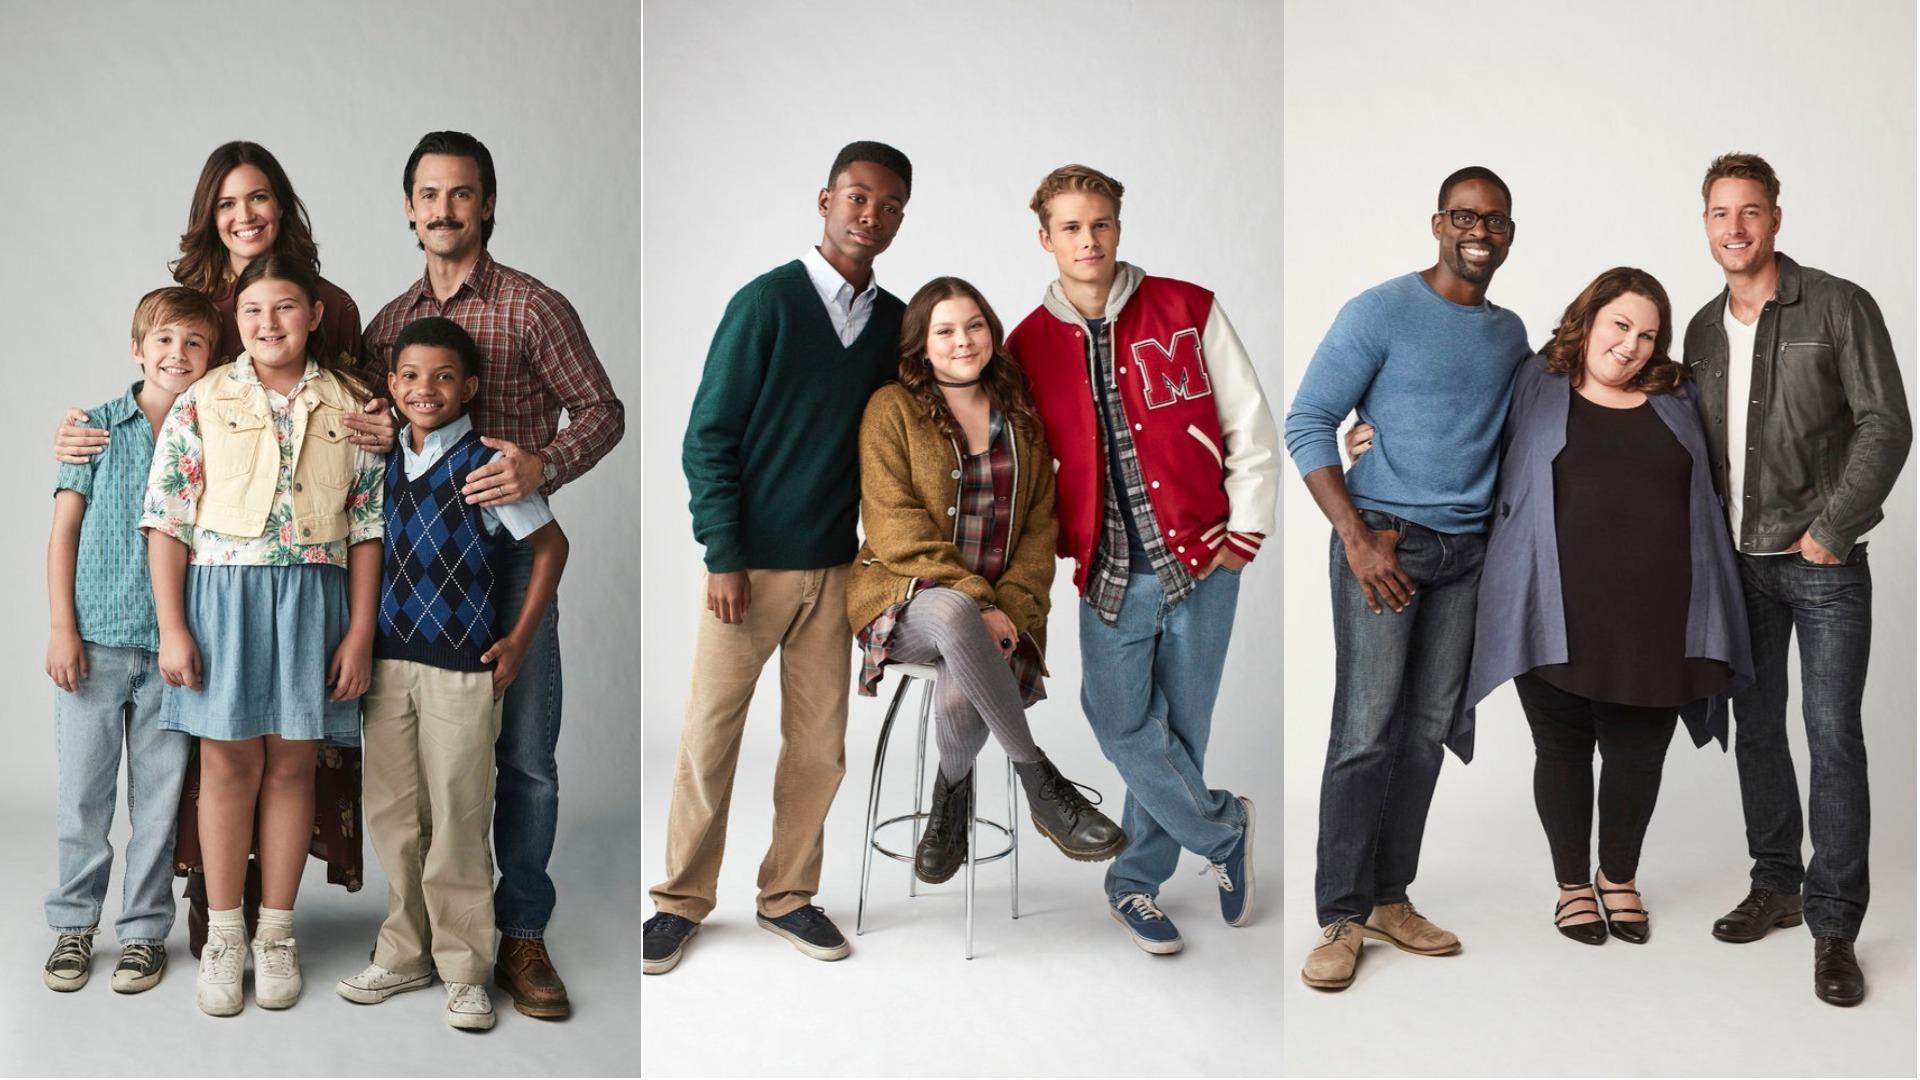 """Il cast di """"This is us"""" a confronto nelle diverse fasi temporali."""